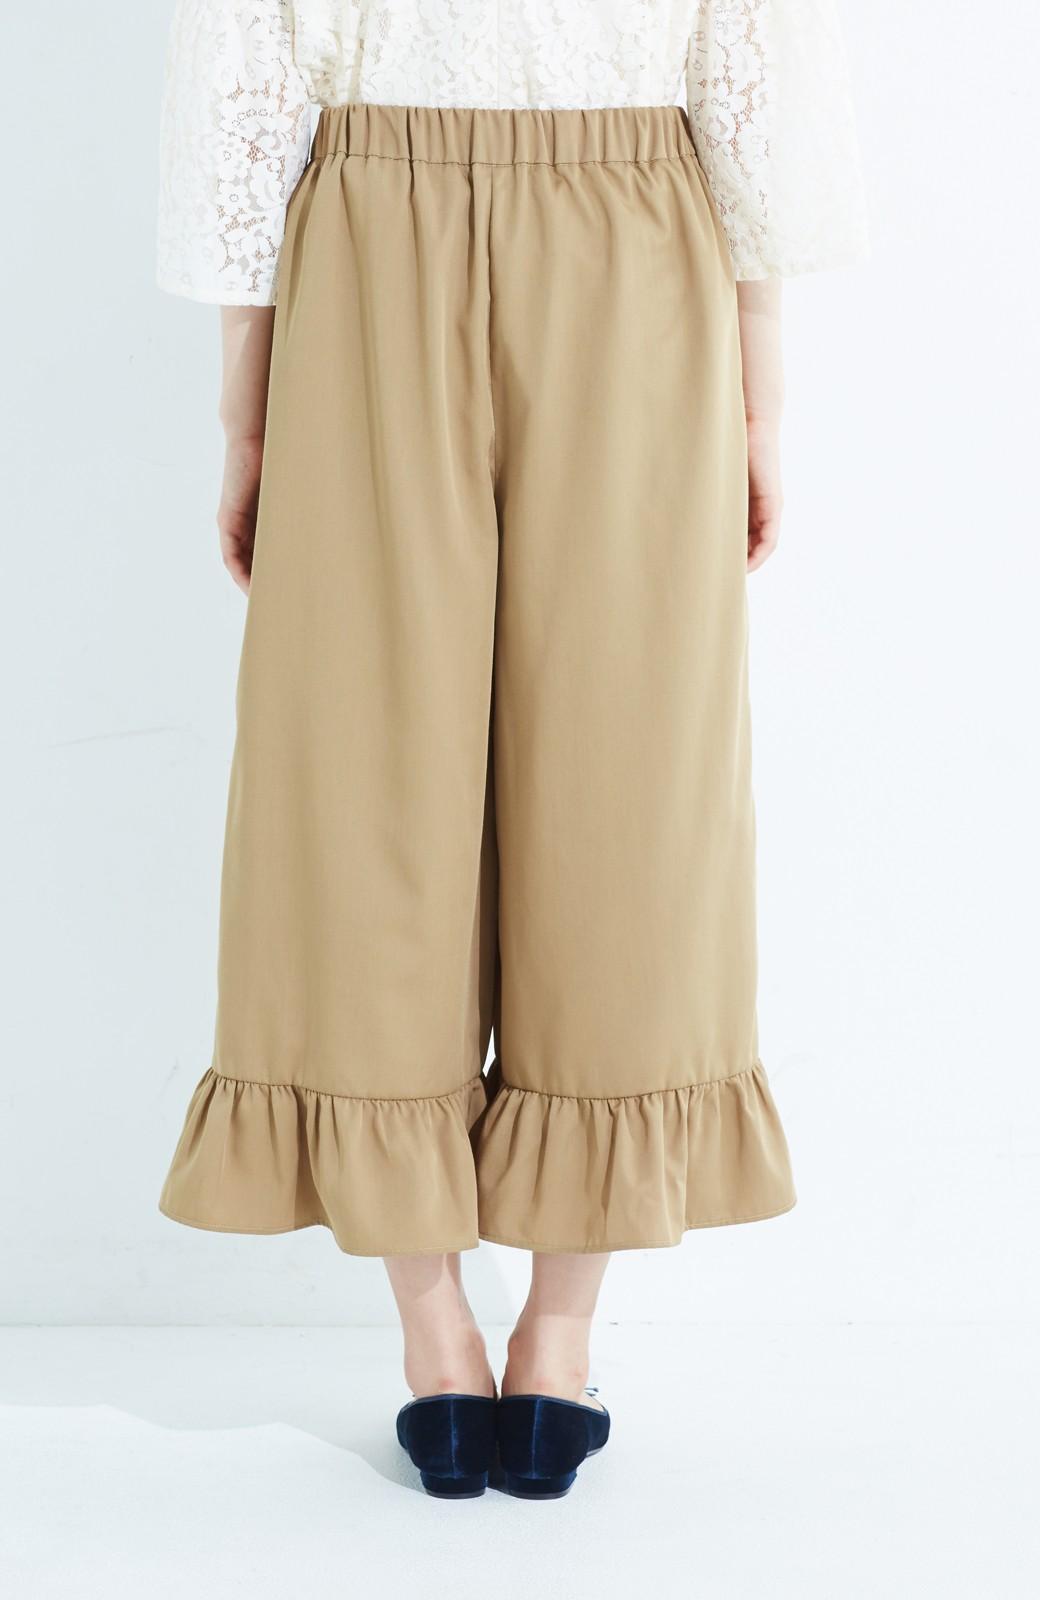 haco! スカート気分で楽しめる 華やかフレアーパンツ <ベージュ>の商品写真6